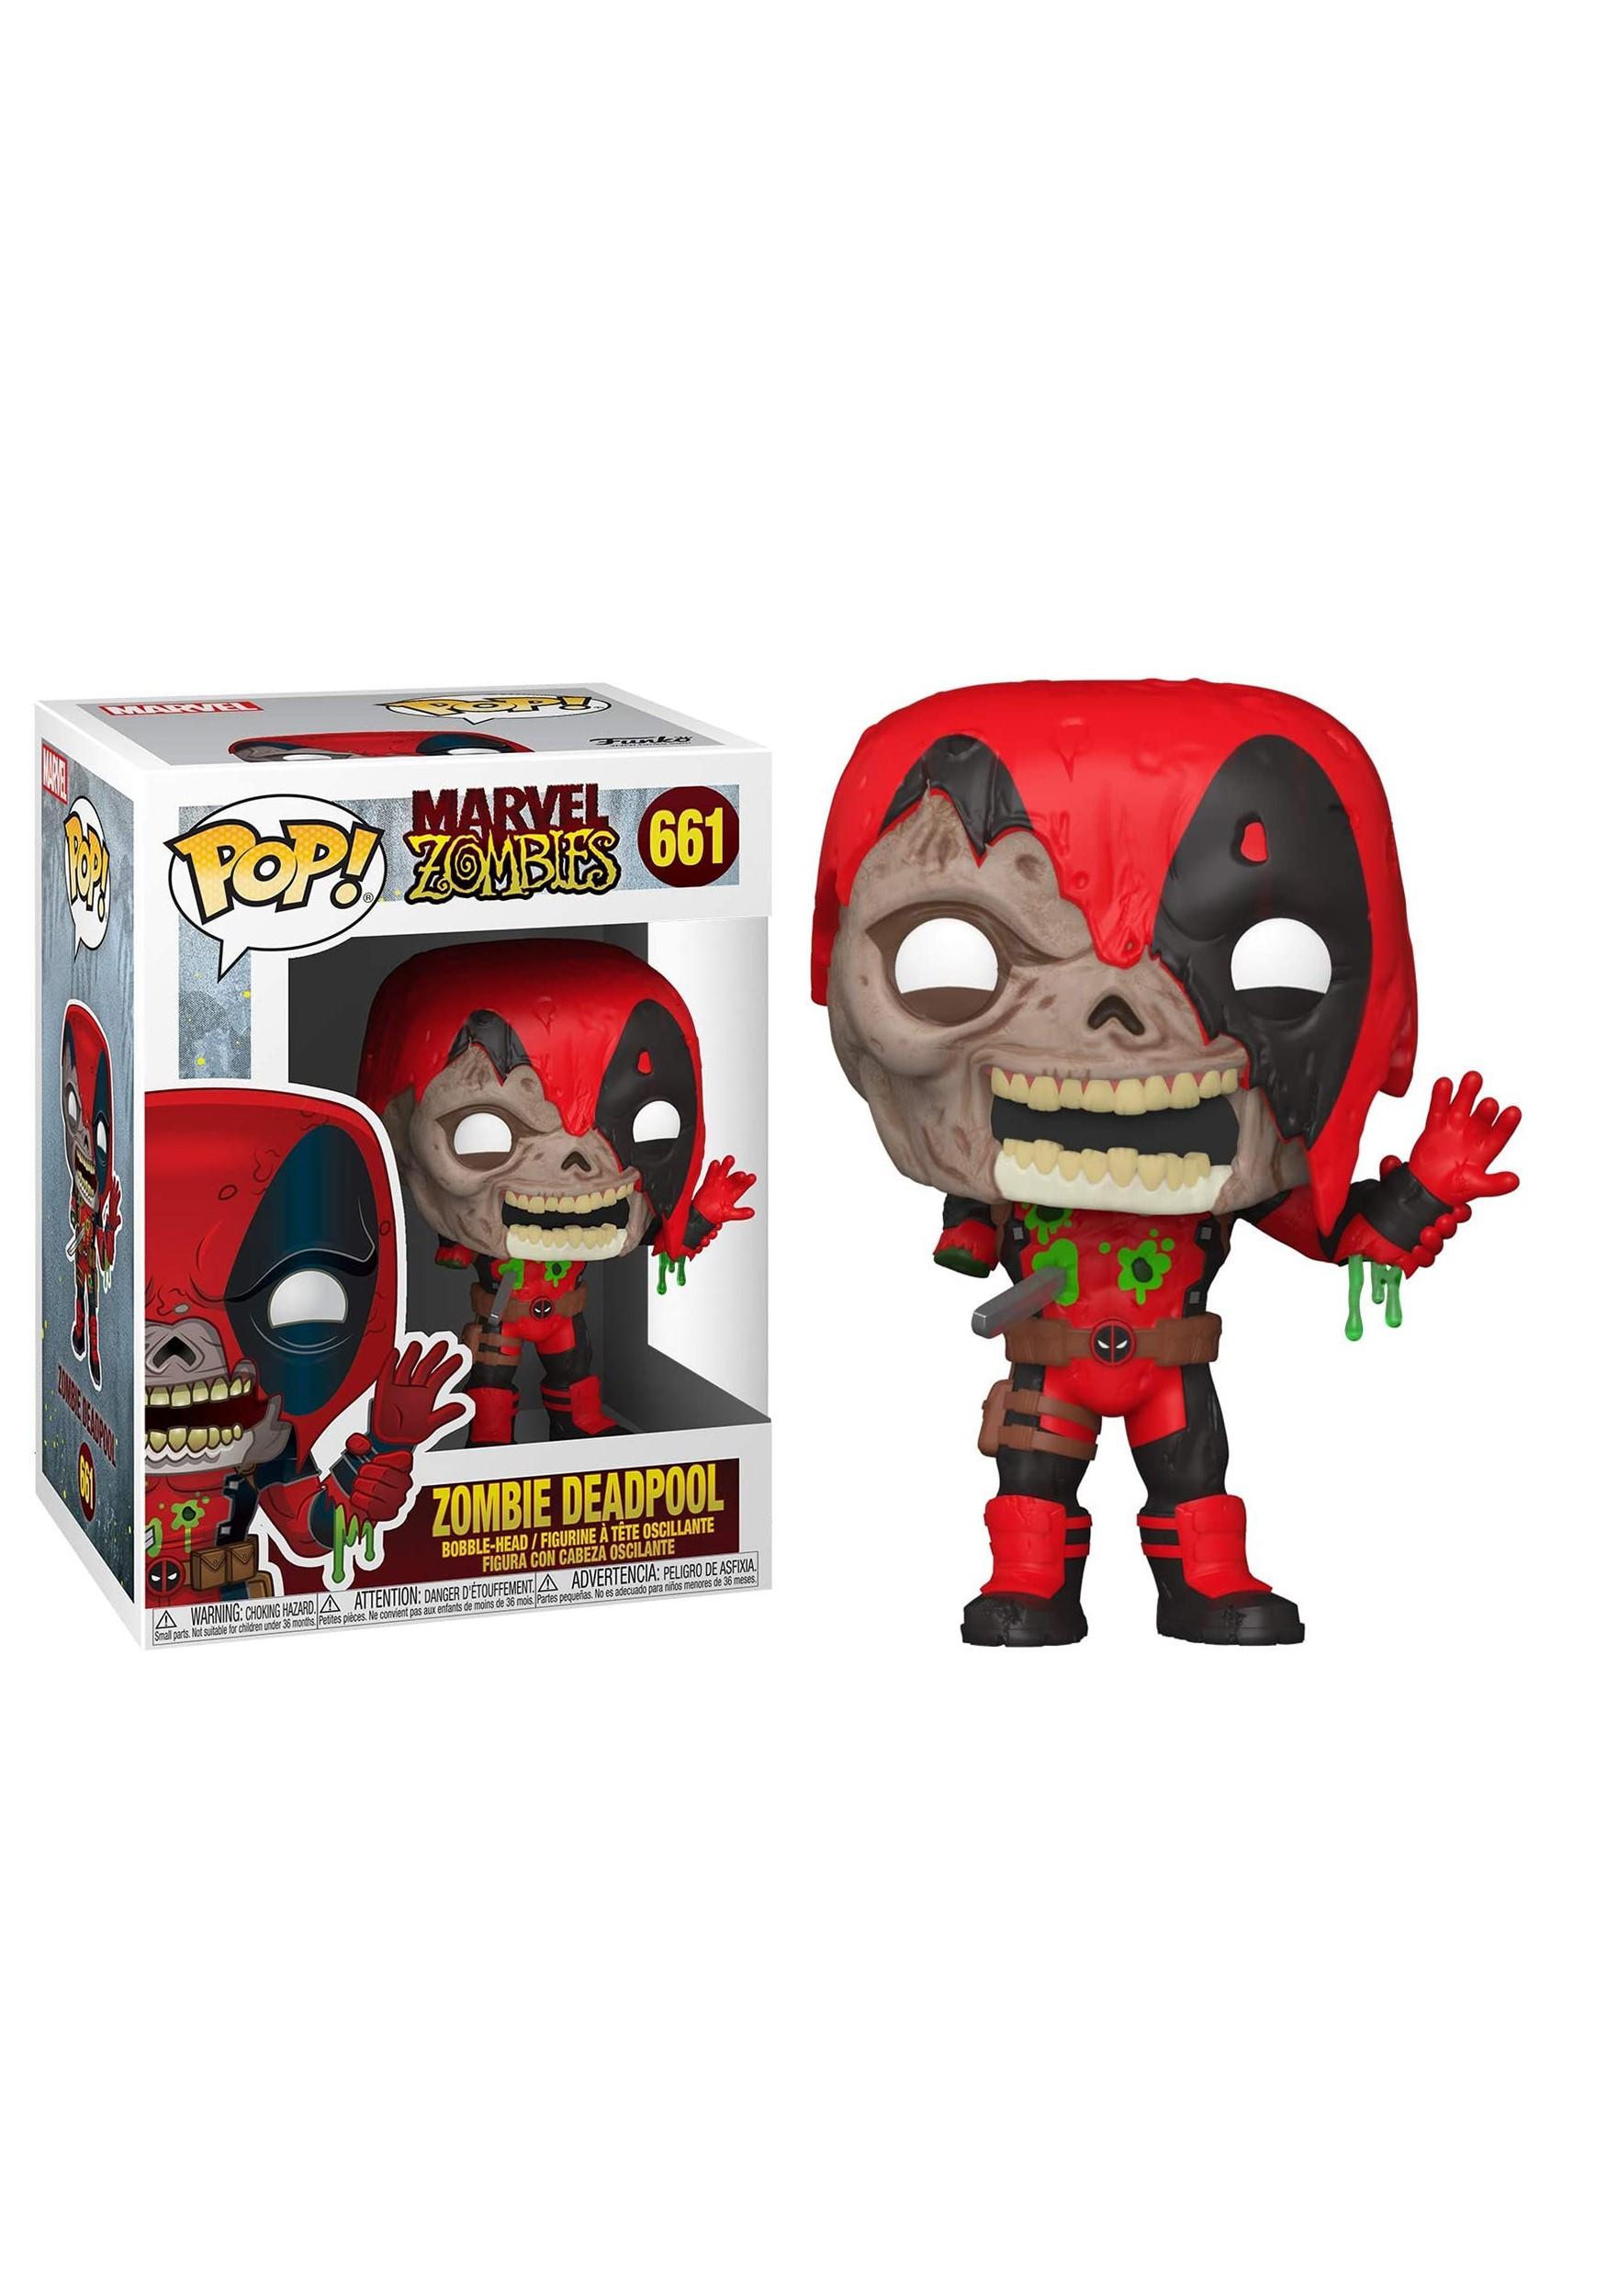 Deadpool Bobblehead Figure POP! Marvel: Marvel Zombies